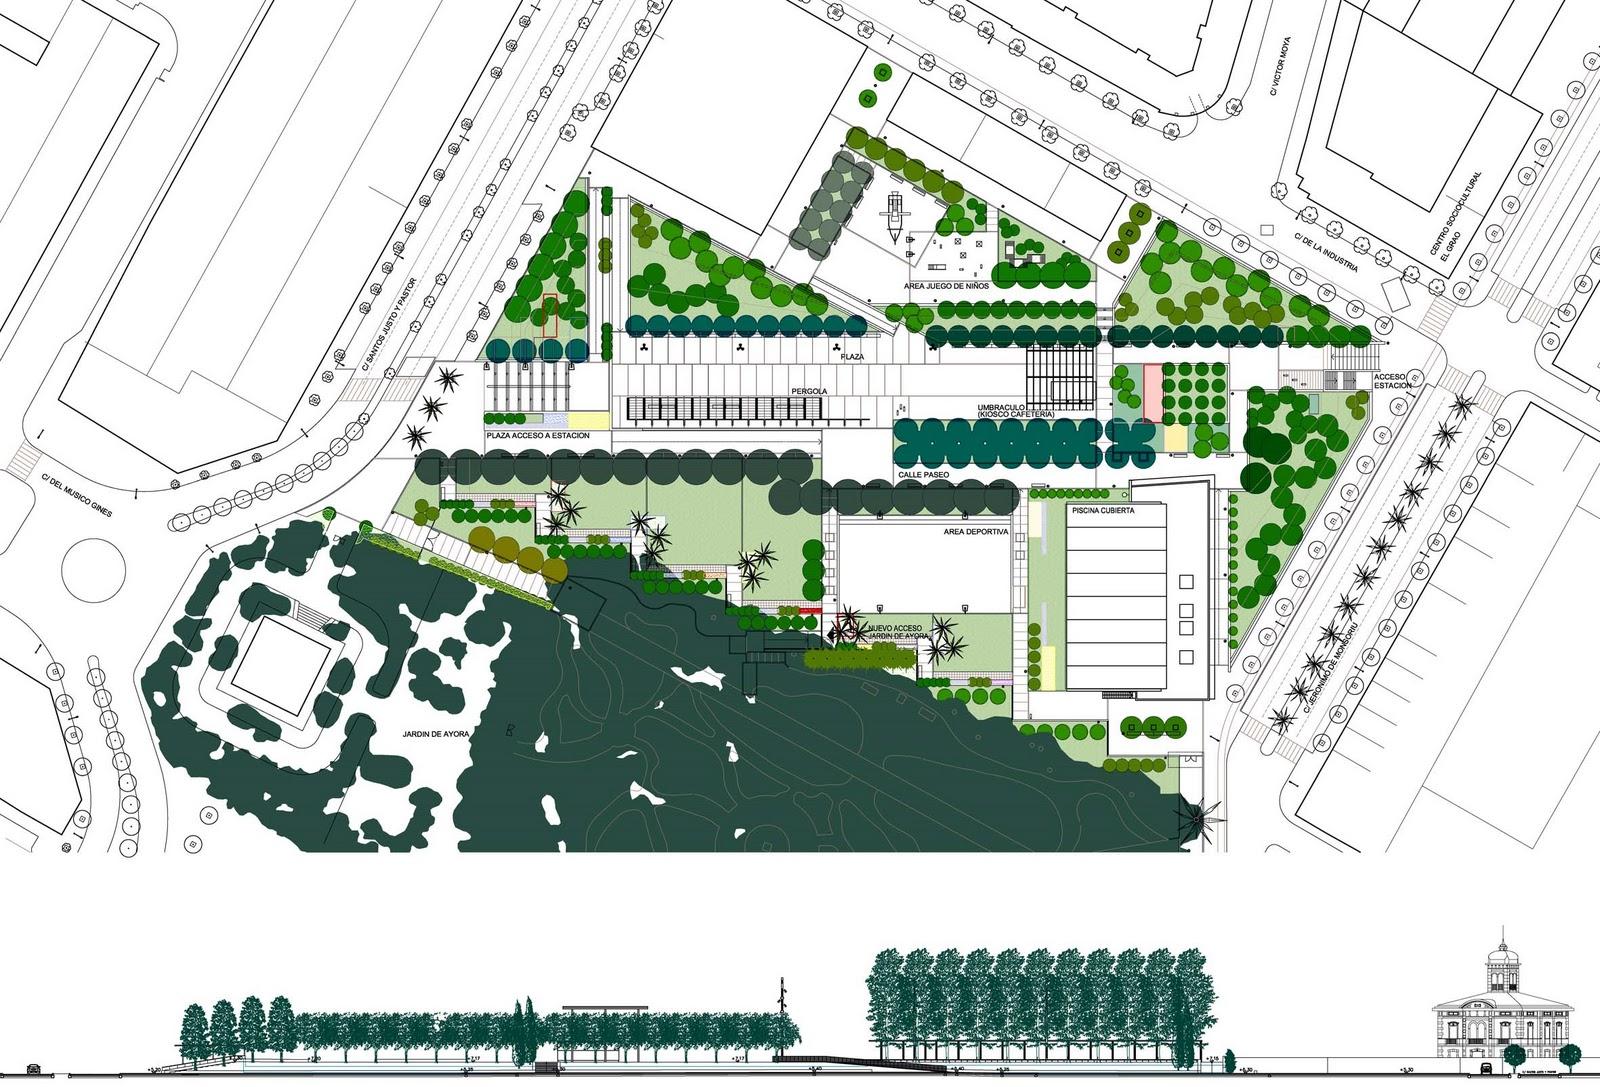 Jpiarquitectura parques y espacios urbanos for Plantas ornamentales para parques